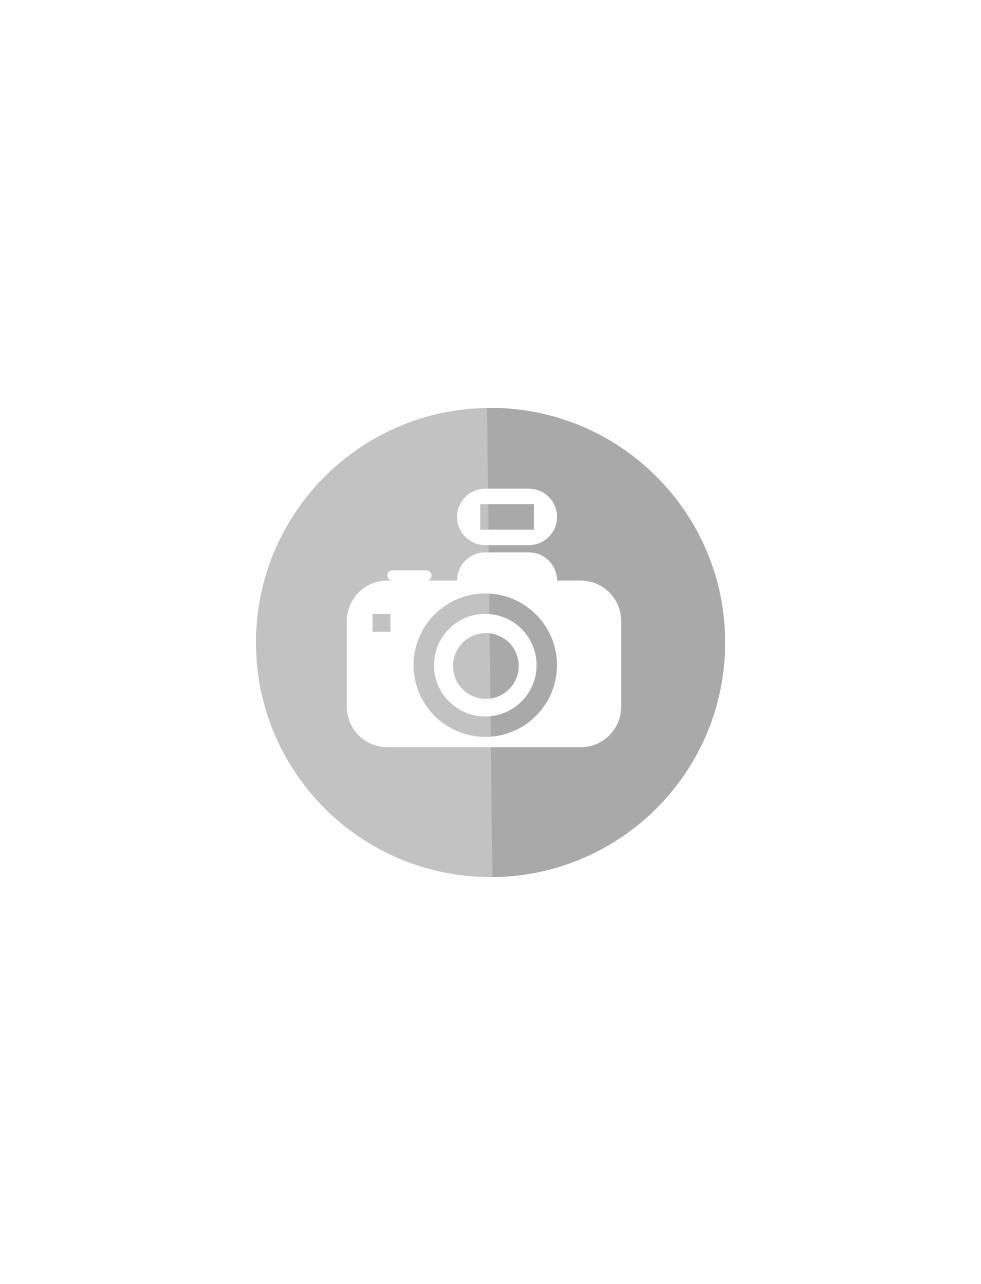 30294970_sparepart/Deichsel-Quadriga-2fa